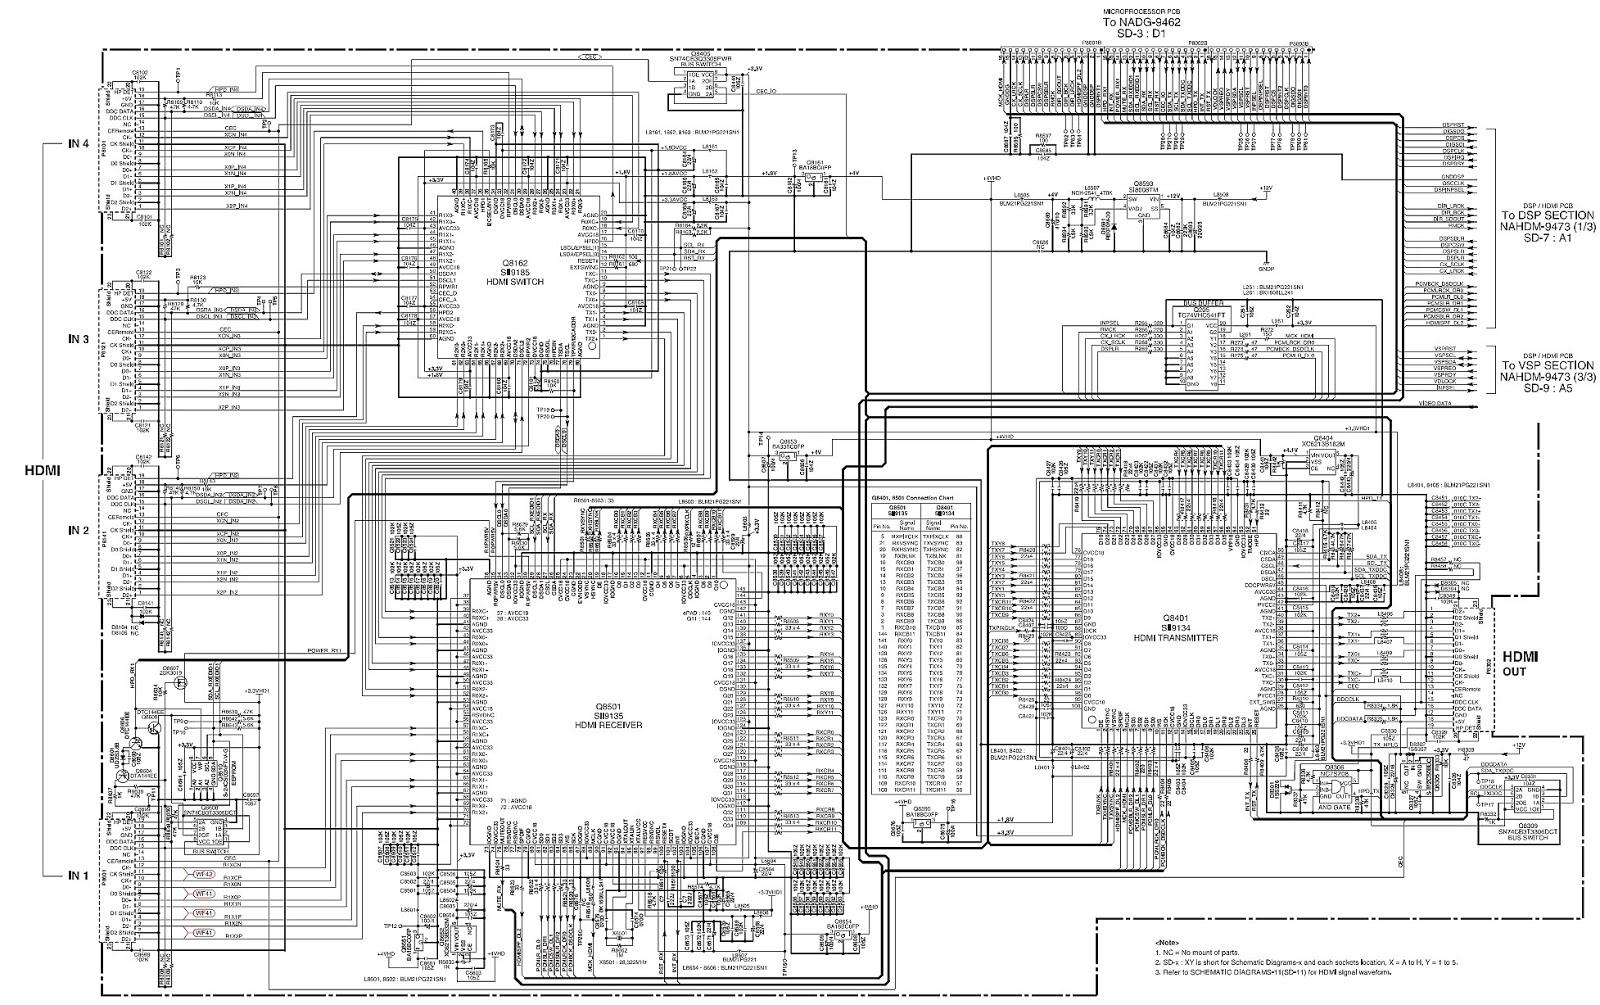 hdmi circuit diagram